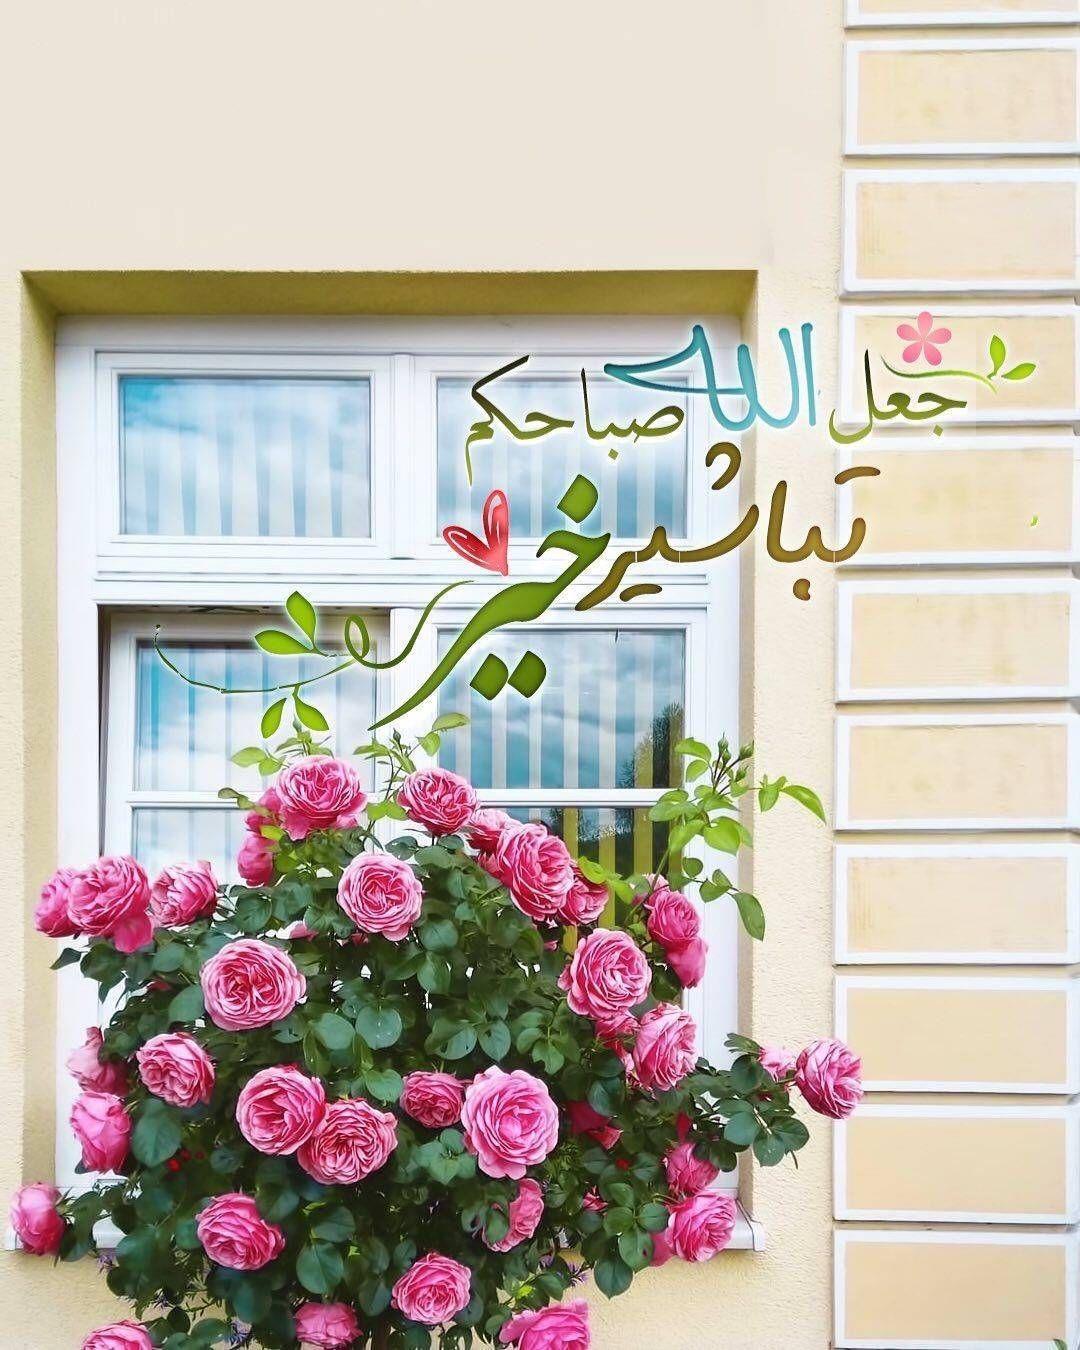 صباح الخيرات والمسرات صباح الورد صباحيات صبح صباح صباحو صبح صبح م Floral Wreath Morning Greeting Morning Quotes Images